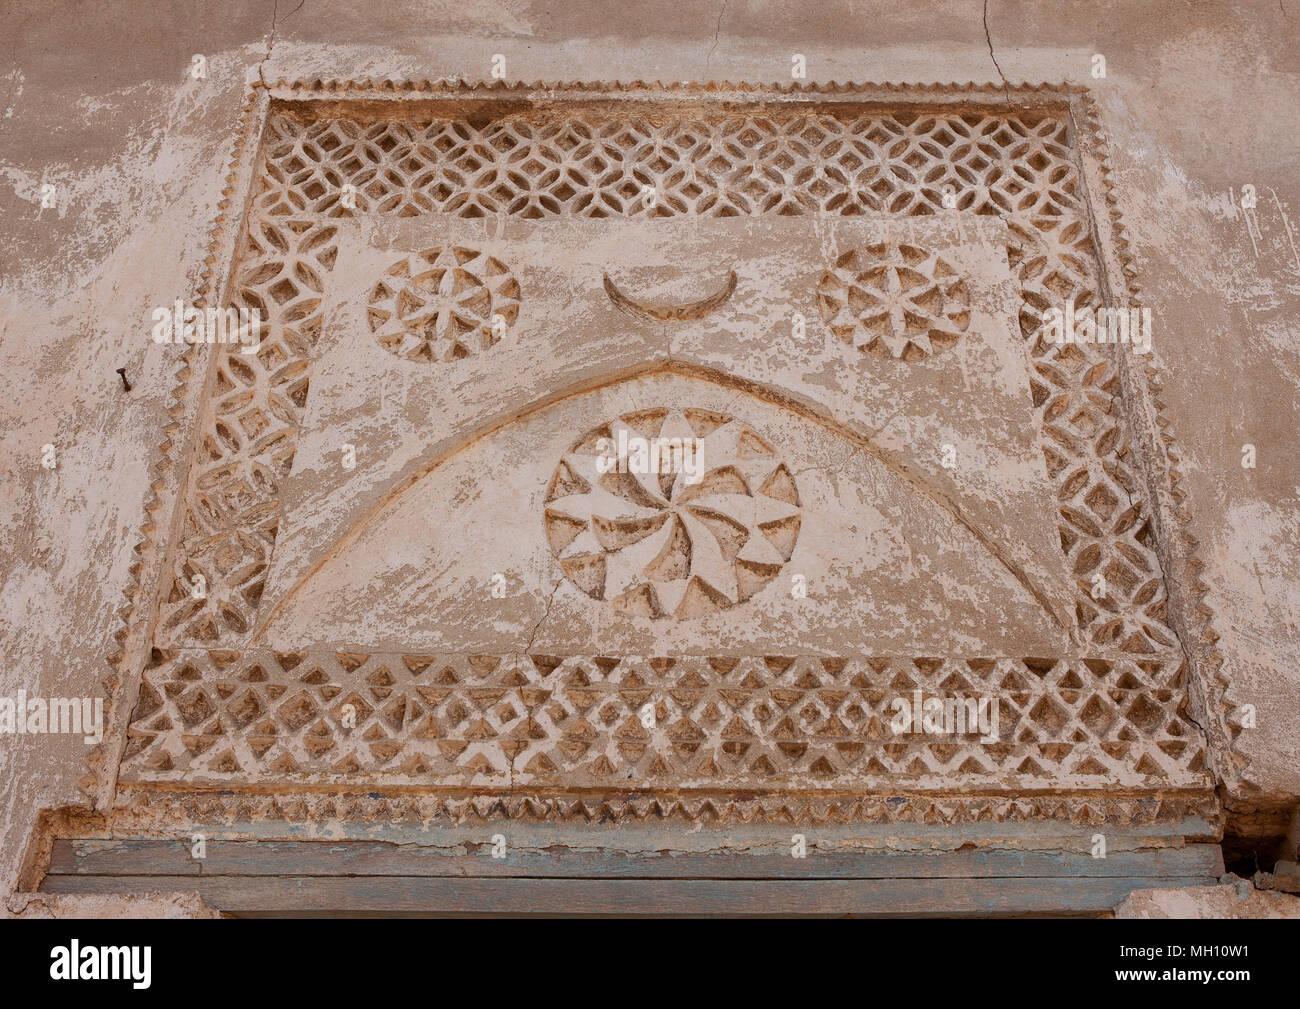 Decori Per Pareti In Gesso : Decorazioni di gesso delle pareti interne di una casa turca jizan